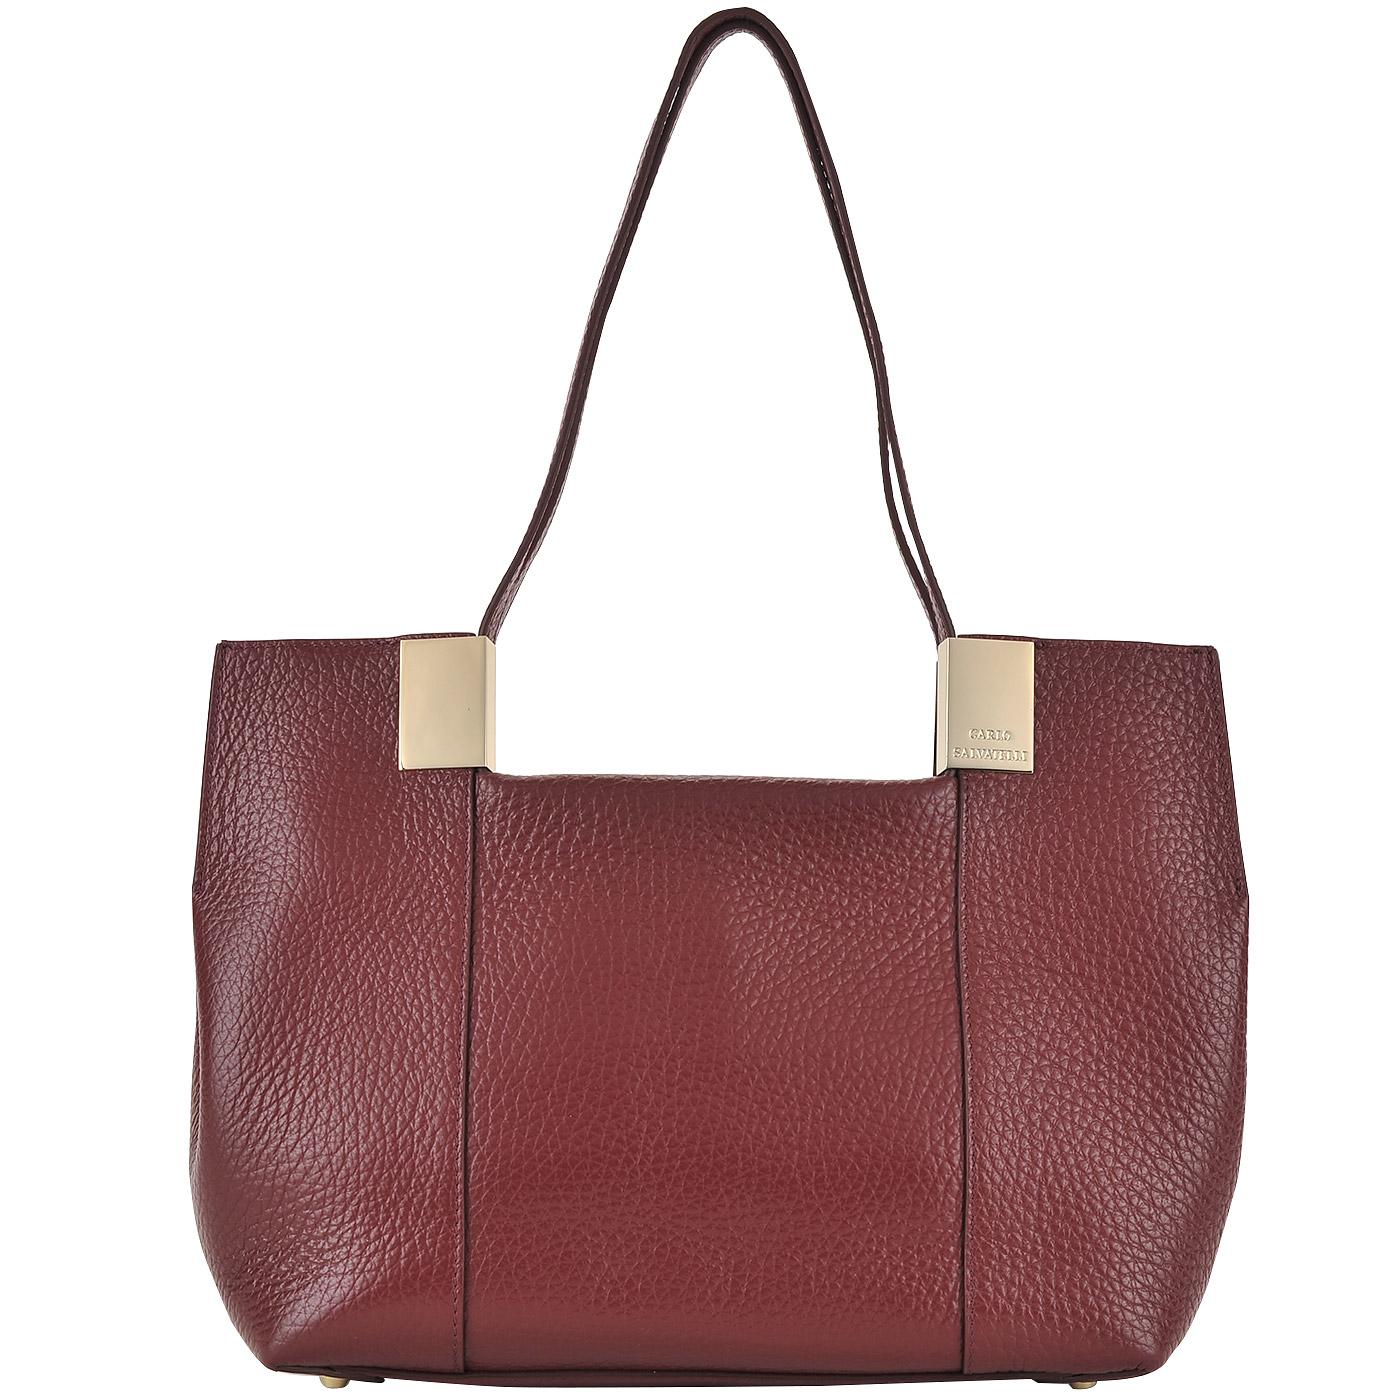 0b5a0d638dca ... Бордовая женская сумка из натуральной кожи Carlo Salvatelli Barone ...